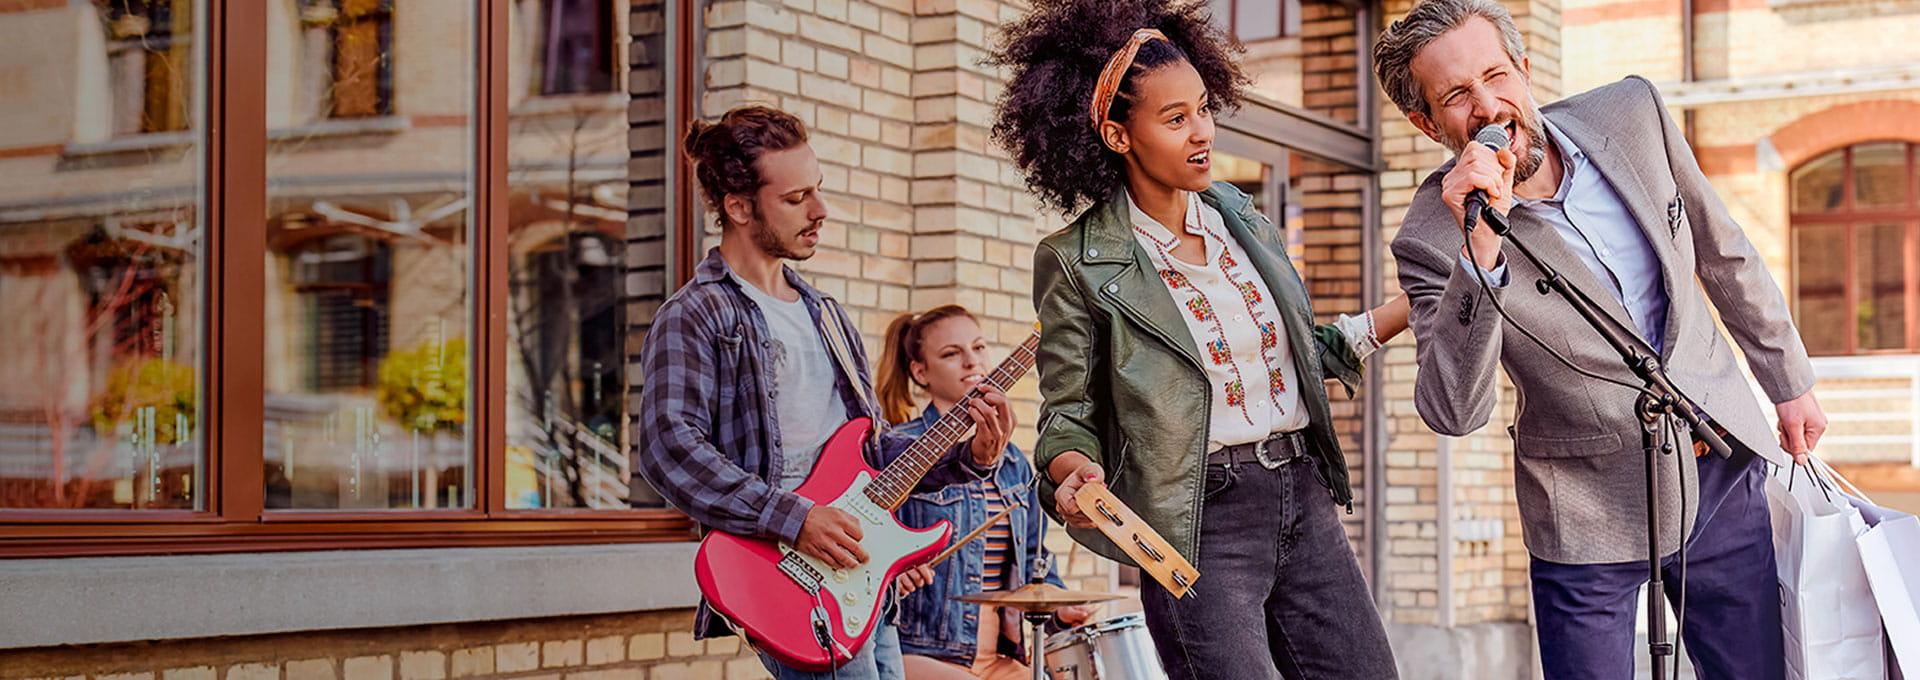 man met Bernafon Leox Super Power Ultra Power achter-het-oor hoortoestellen spontaan aan het zingen met een band op straat.